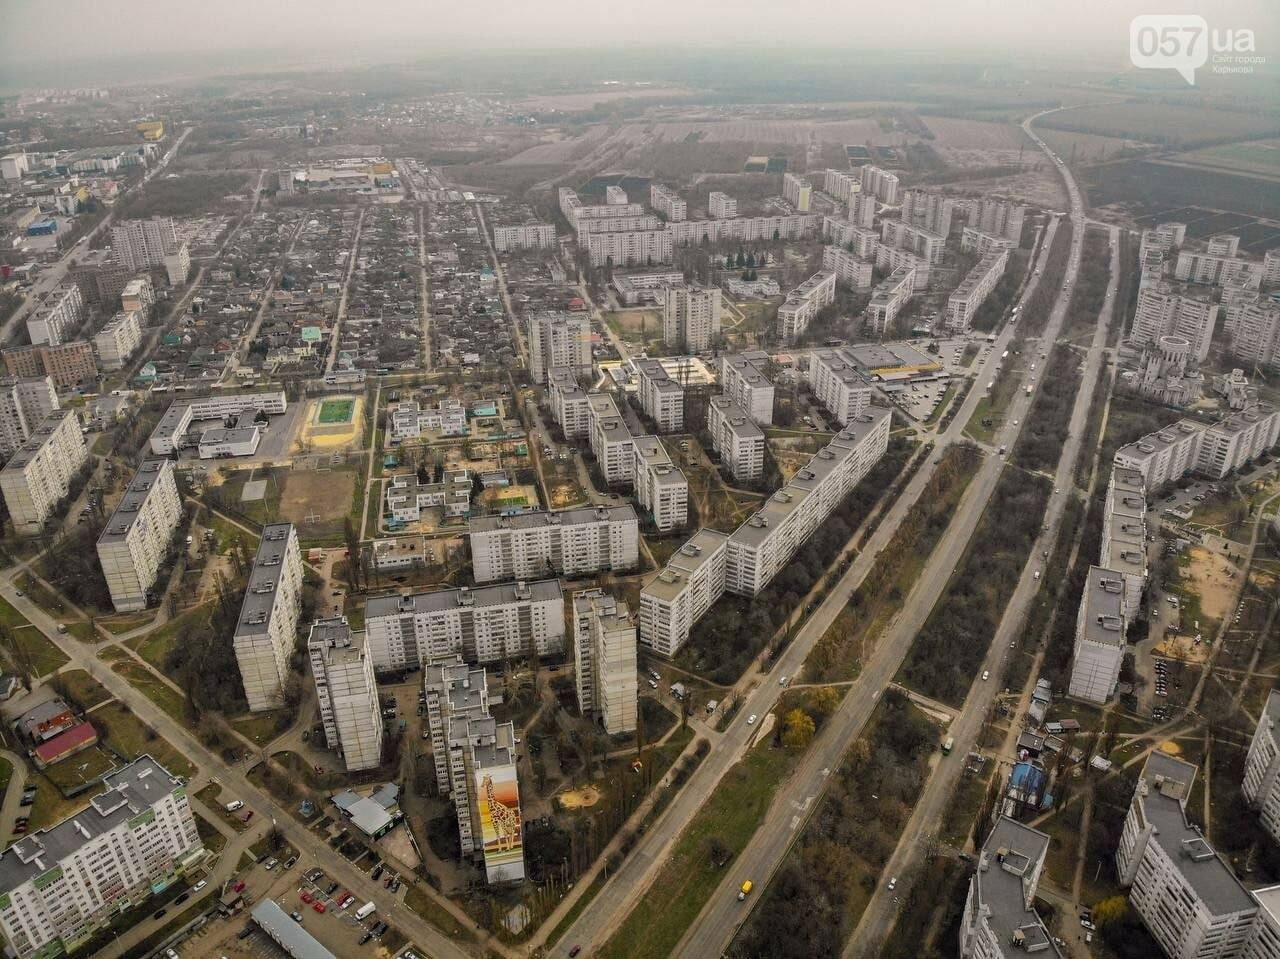 Районы Харькова: ТОП самых интересных фактов о каждой части города, - ФОТО, фото-3